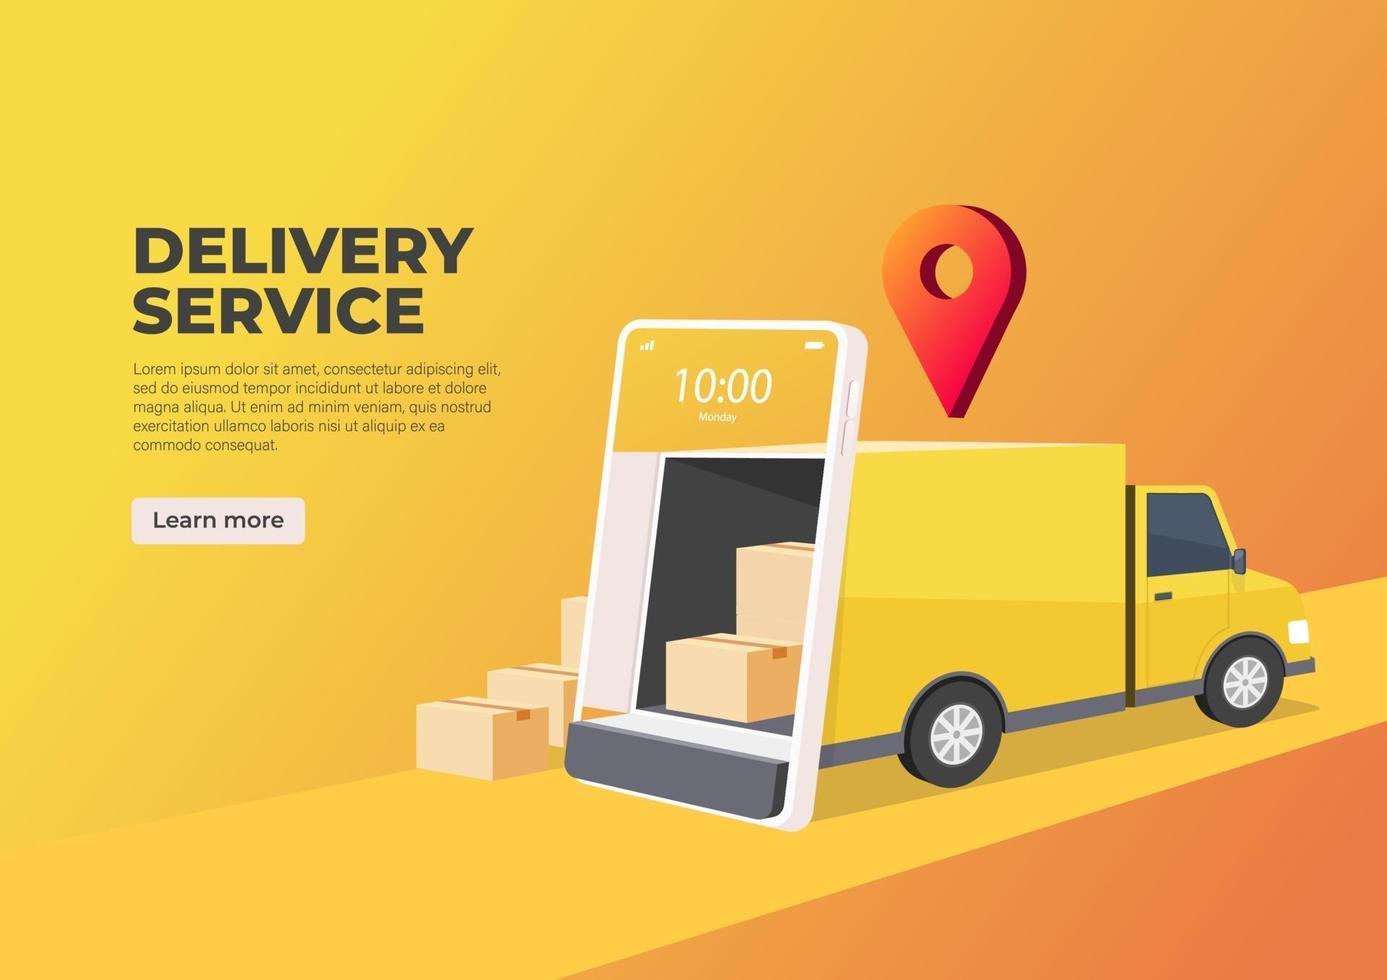 bestelwagen opent de deur vanuit het gsm-scherm. banner voor online bezorgservice. slimme logistiek, vrachtverzending en vrachtvervoer. vector